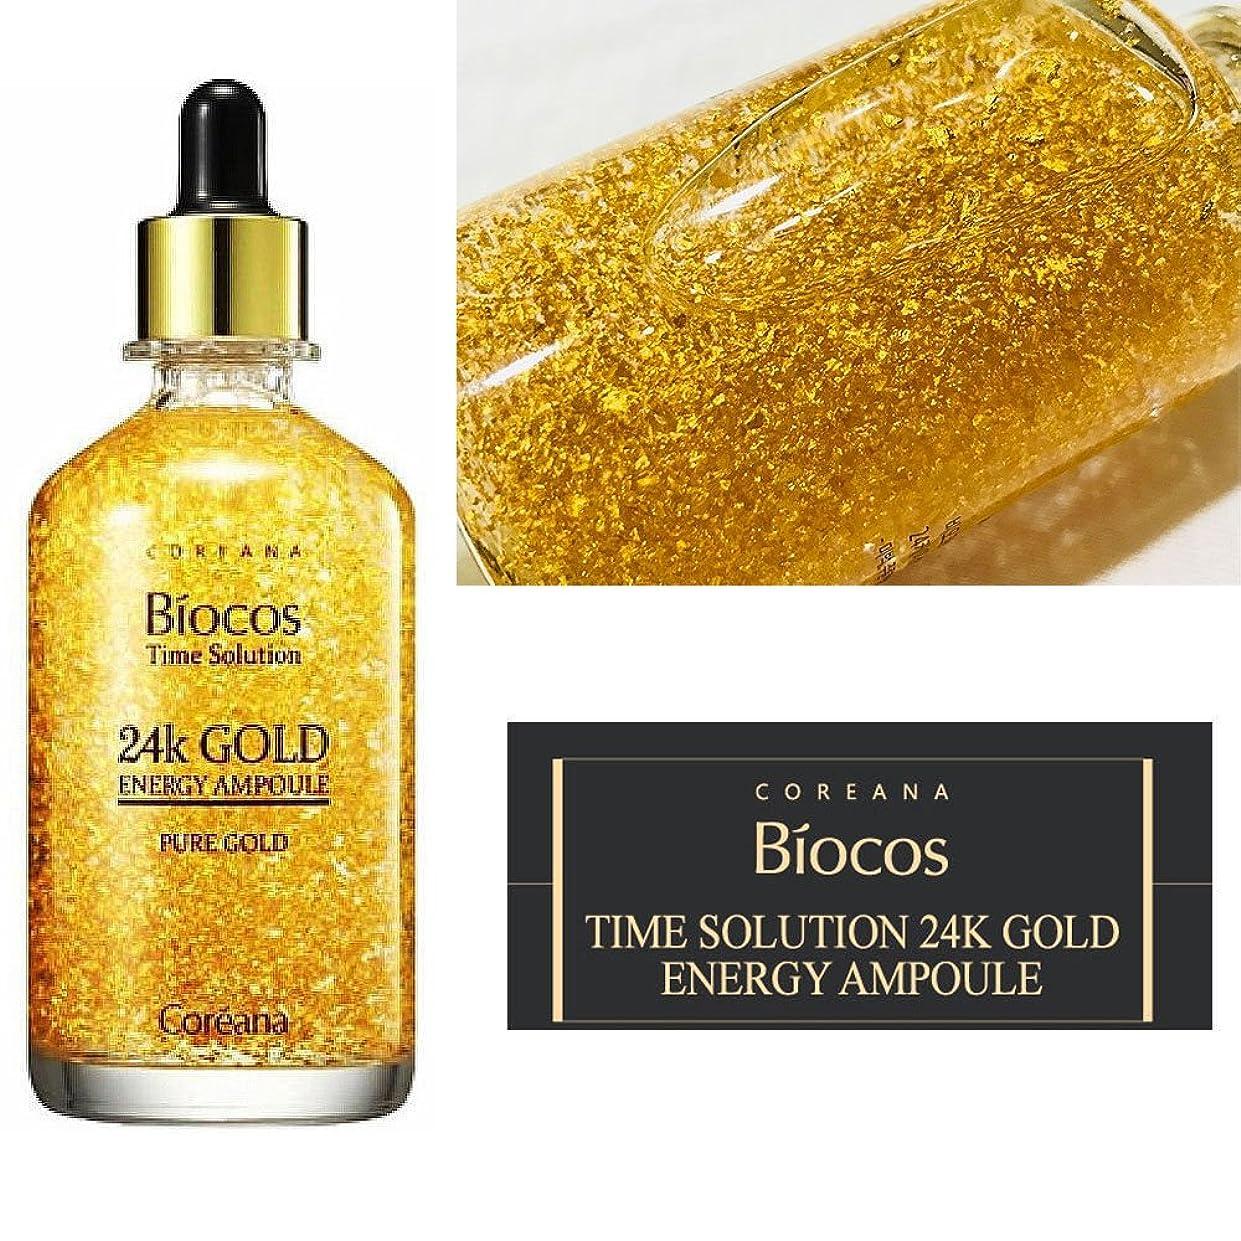 台風違法写真を撮る[COREANA] Biocos Time Solution 24kゴールドエナジーアンプル100ml/[COREANA] Biocos Time Solution 24K Gold Energy Ampoule - 100ml